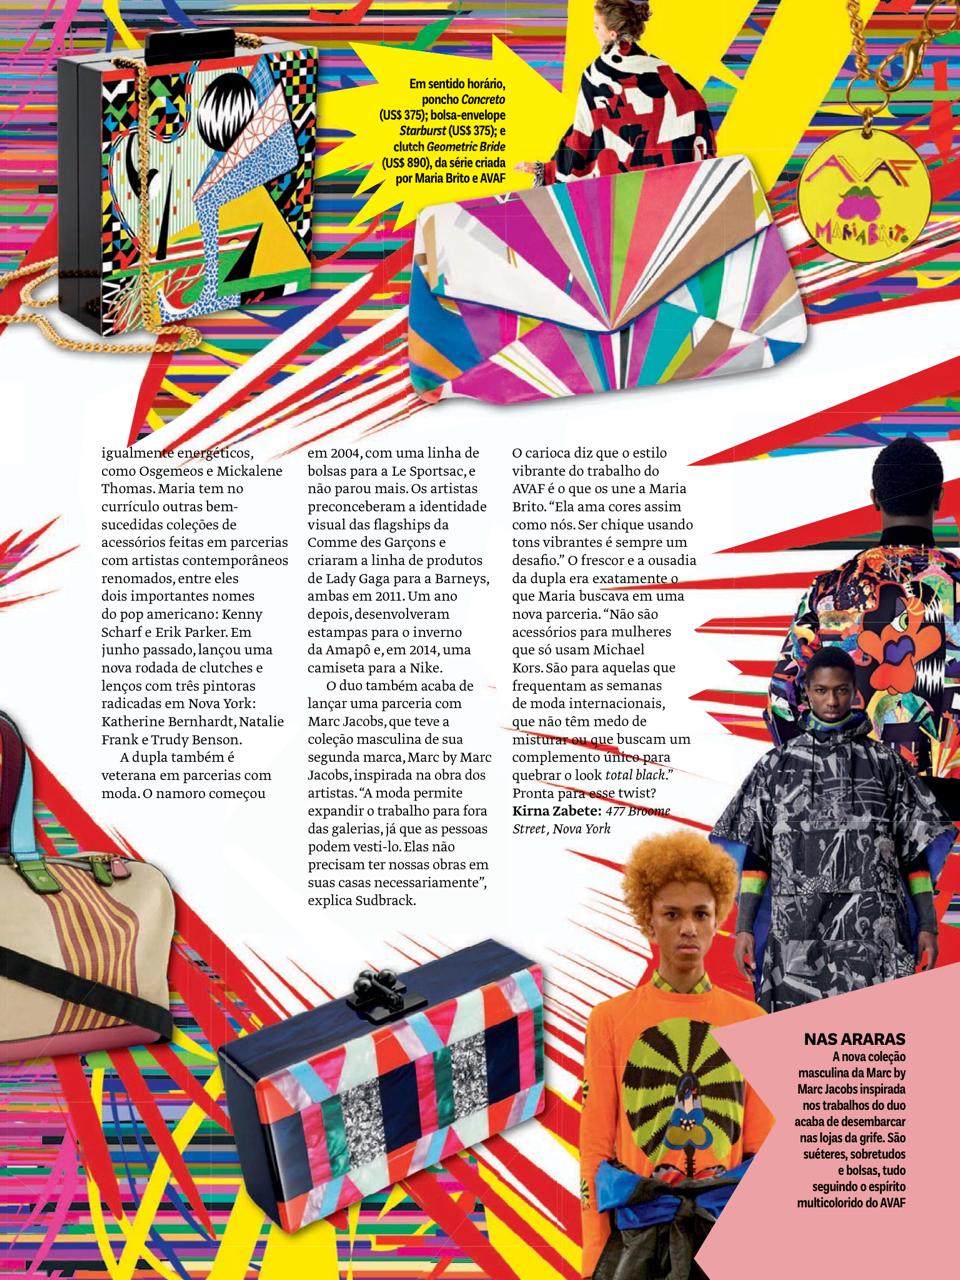 Vogue-Brasil-AVAF2.png